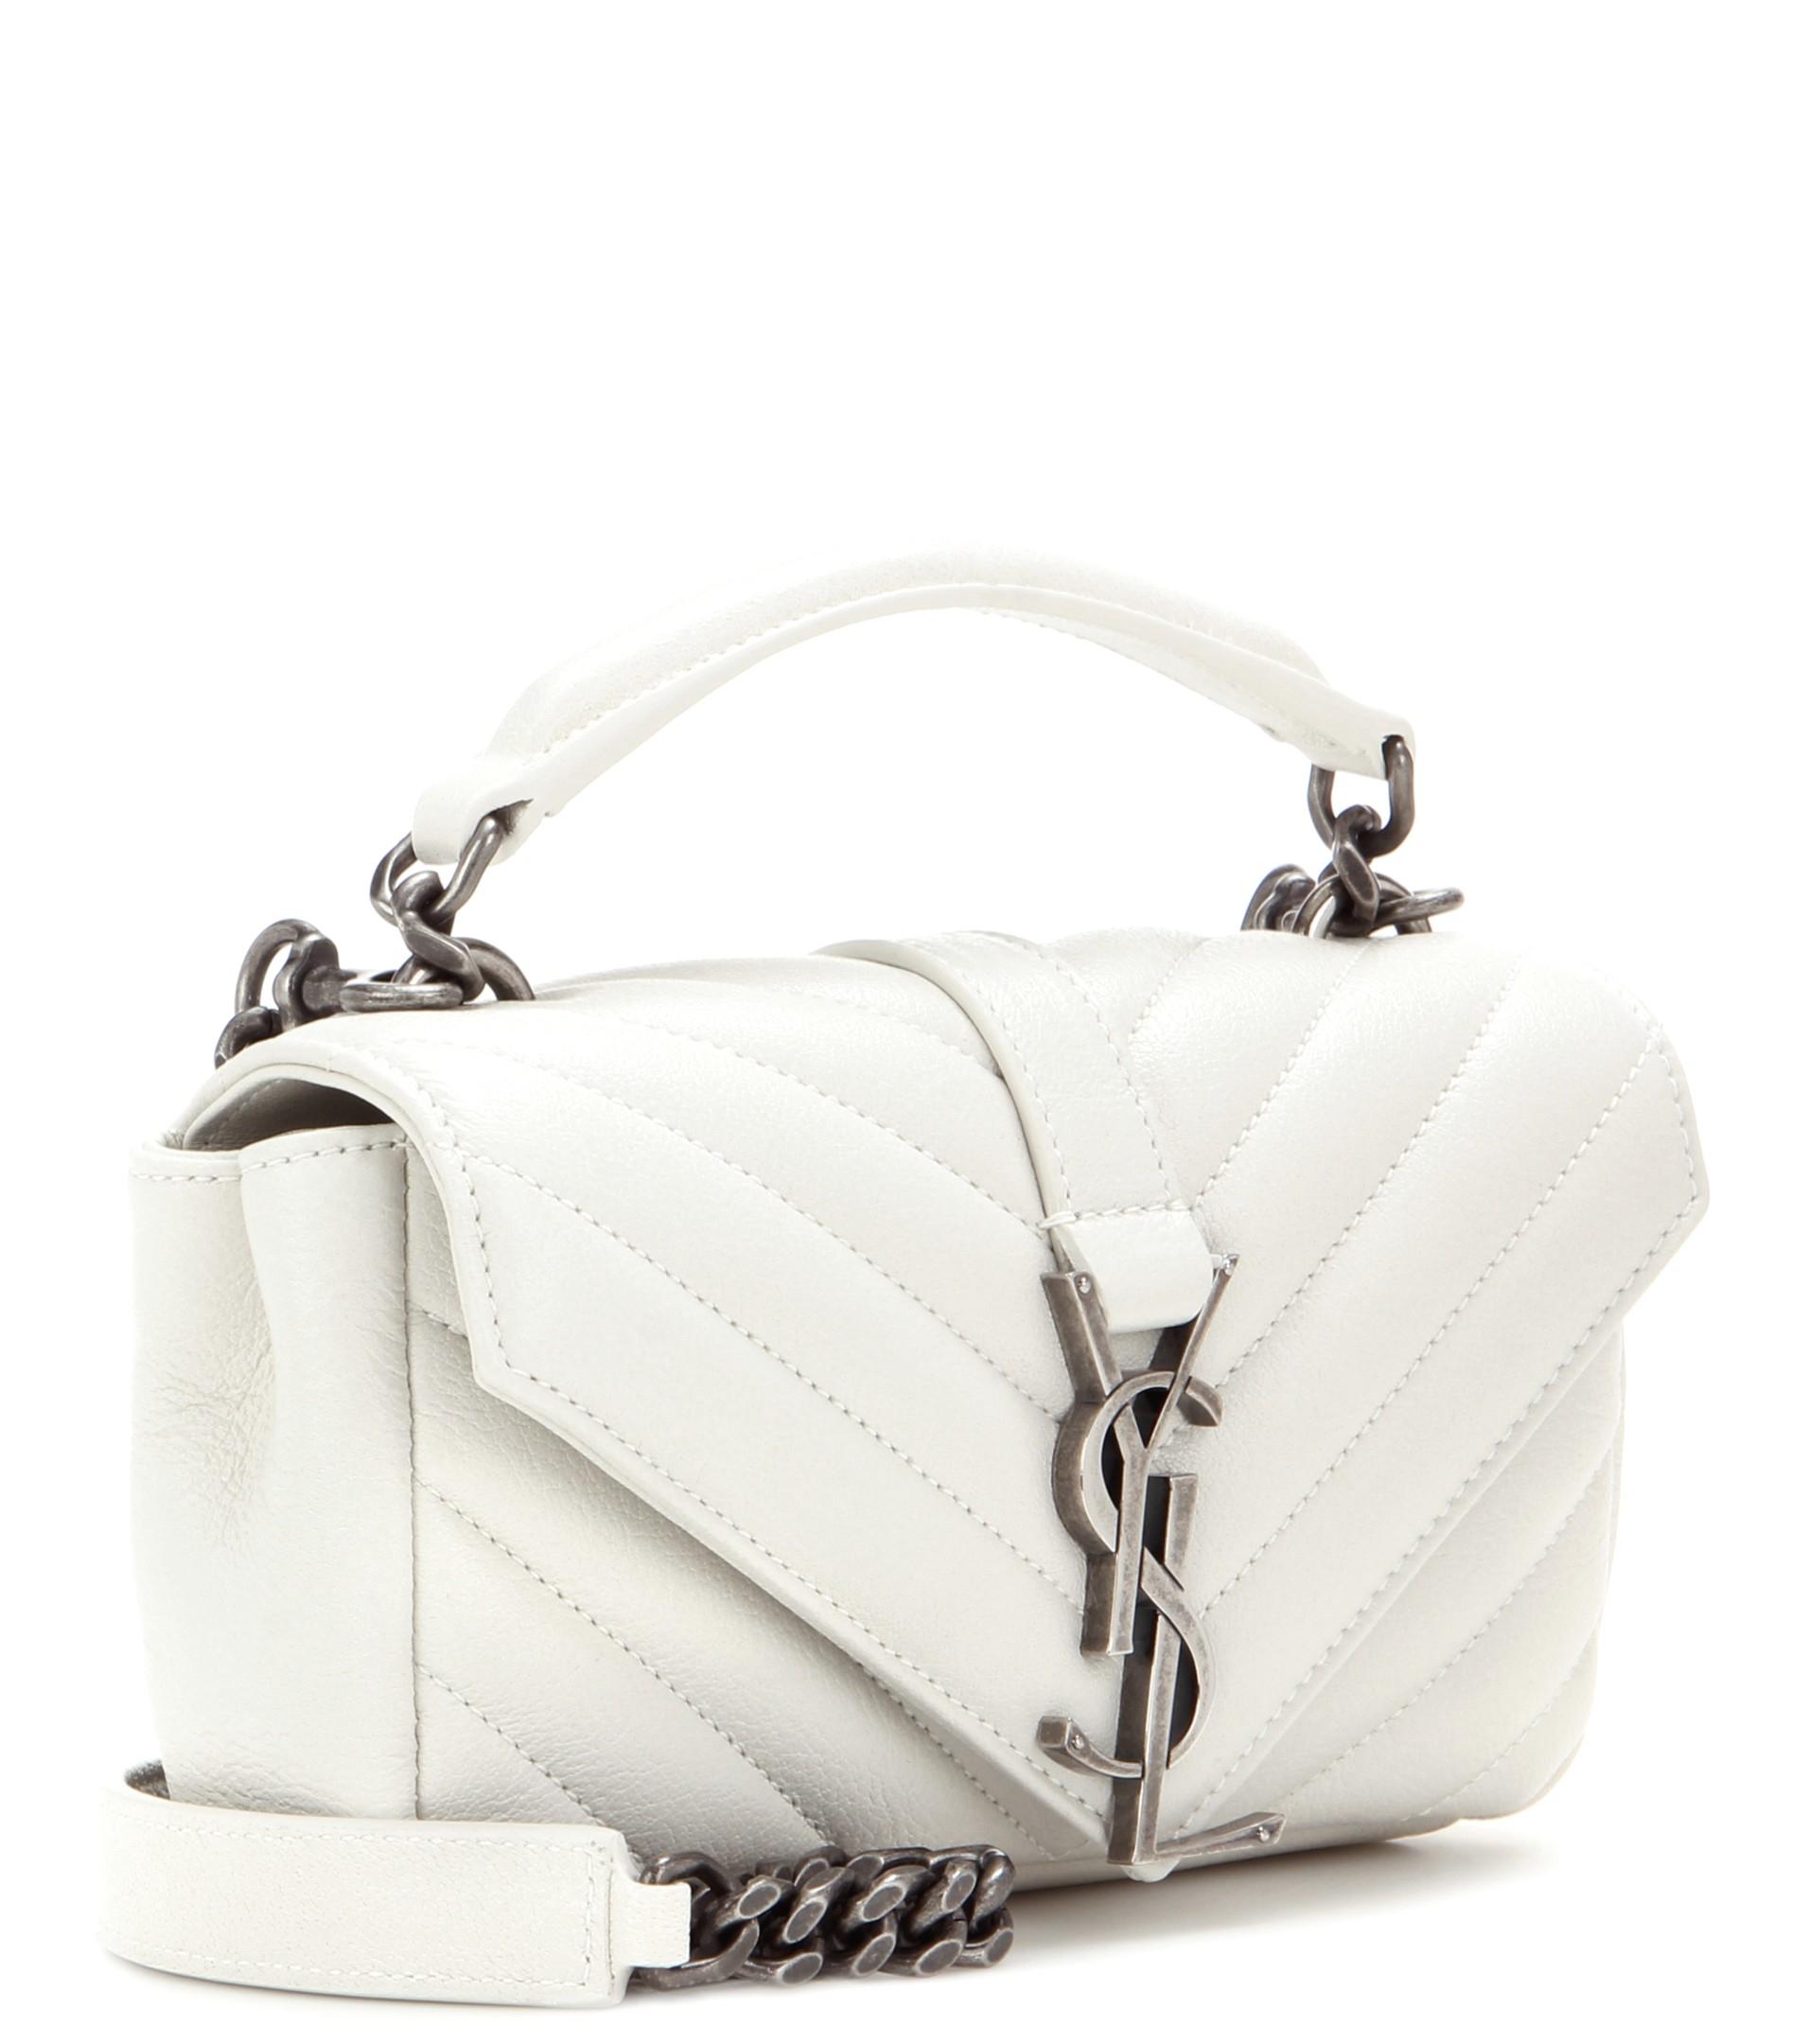 960963f66c04 classic medium monogram saint laurent college bag in powder pink matelasse  leather